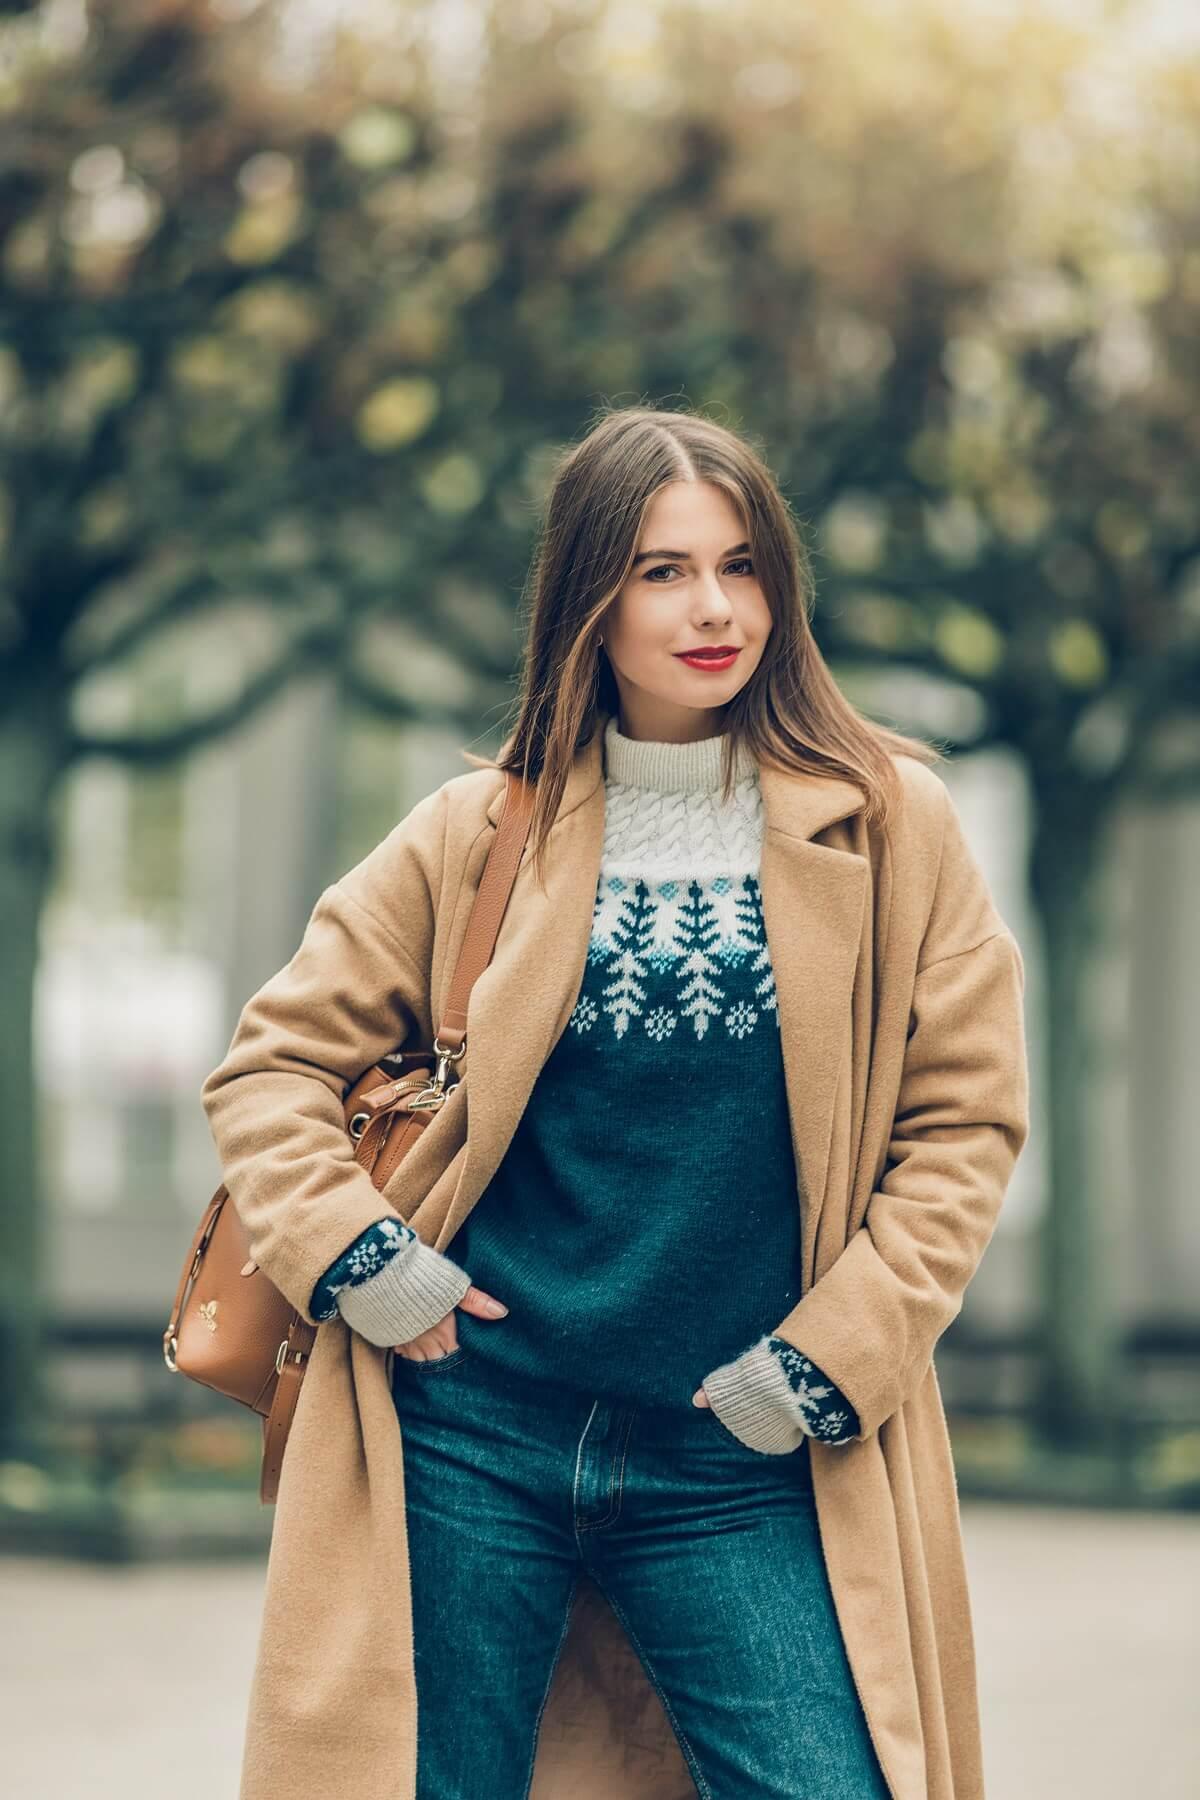 stylizacja zimowa blog modowy sesja Sopot kurtka sztruksowa z kożuchem